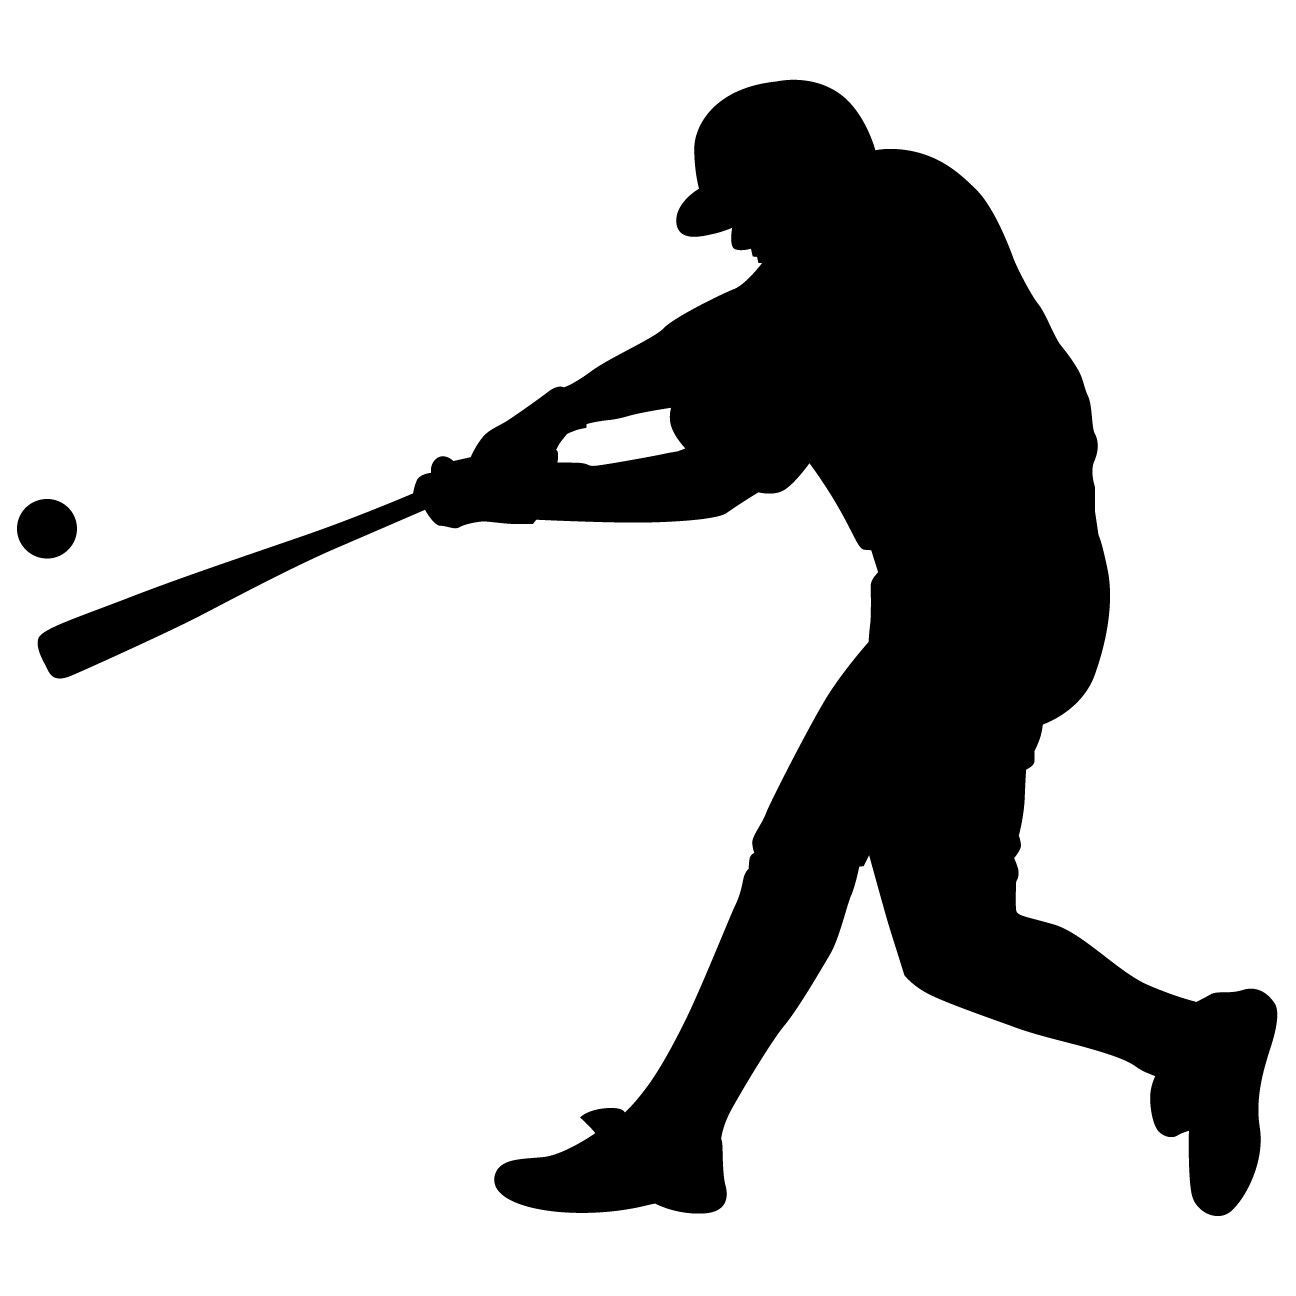 Baseball Batter Wall Decal Sticker 43 | House | Pinterest ...